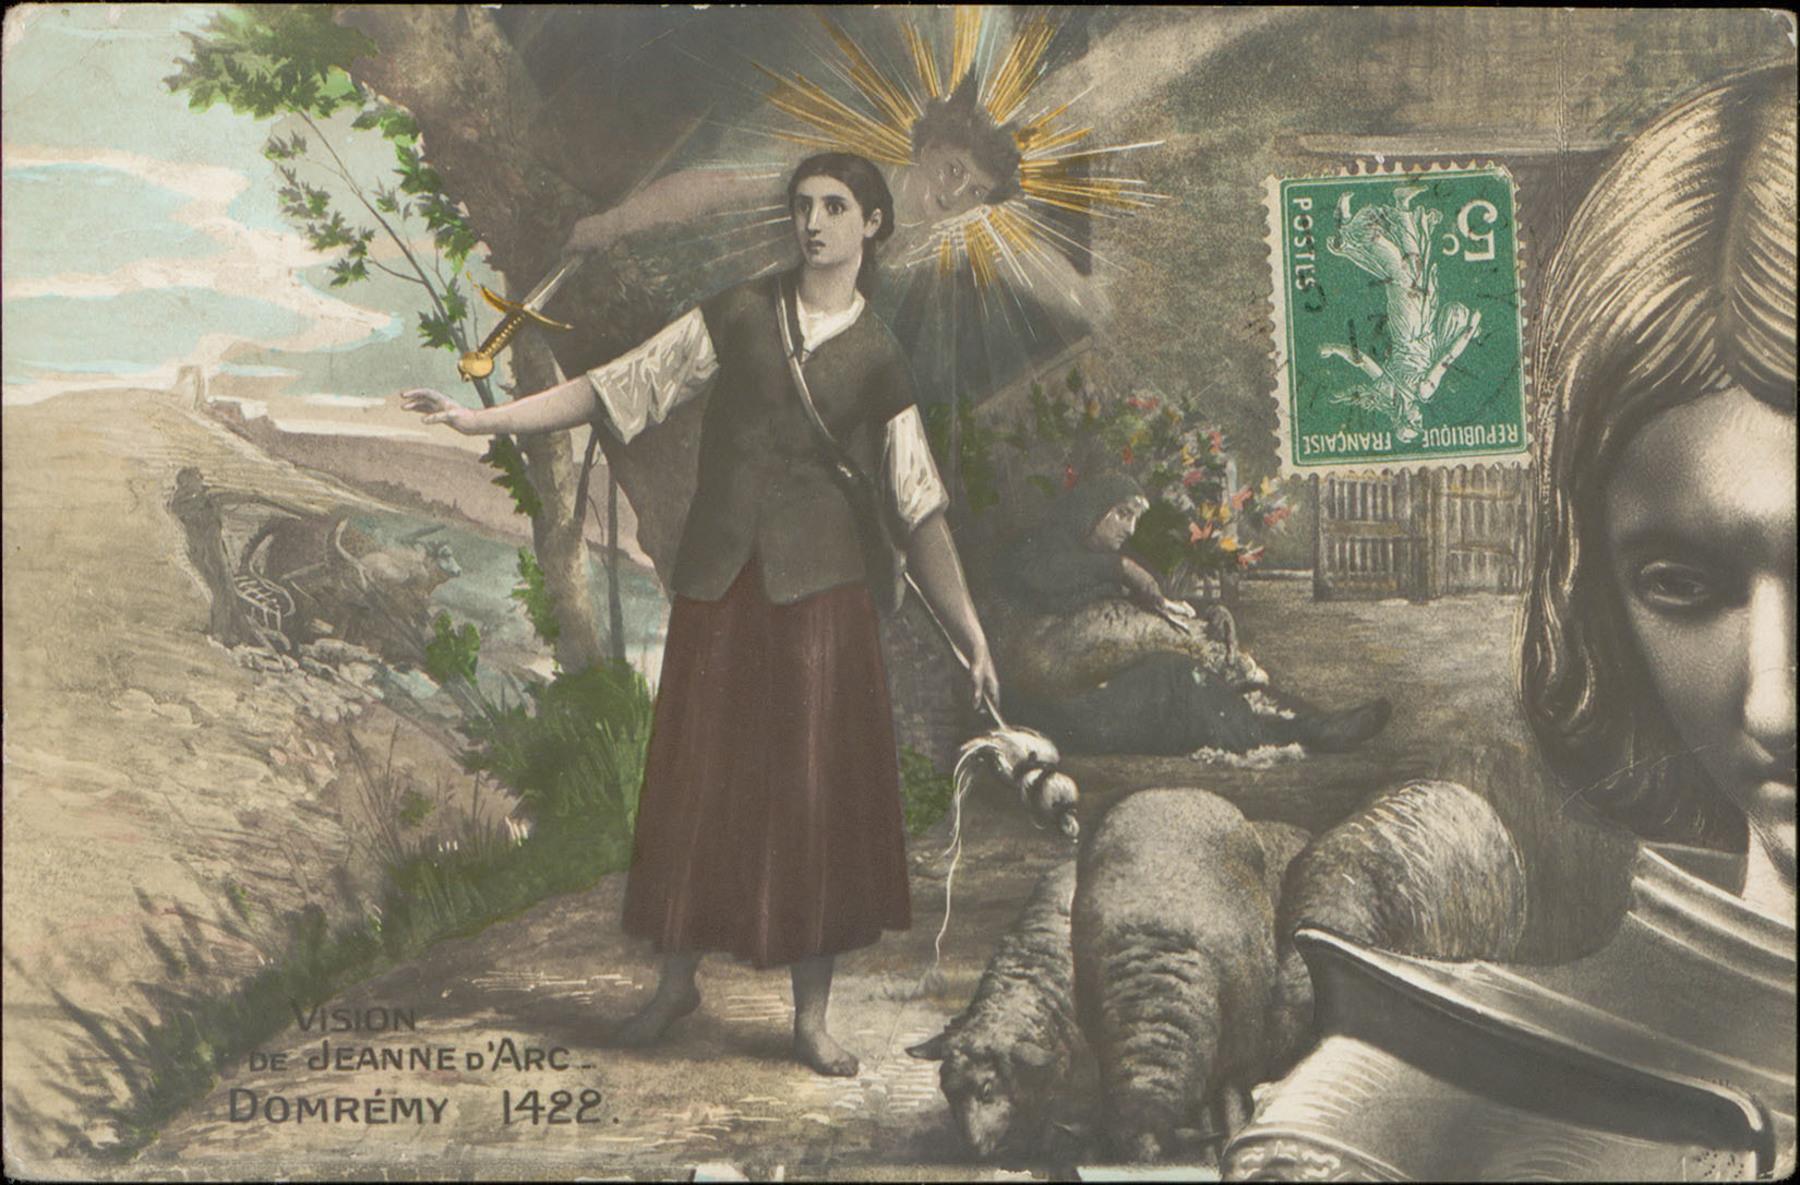 Contenu du Jeanne d'Arc, jeune bergère, se voit en guerrière au cours d'une apparition mystique à Domrémy.